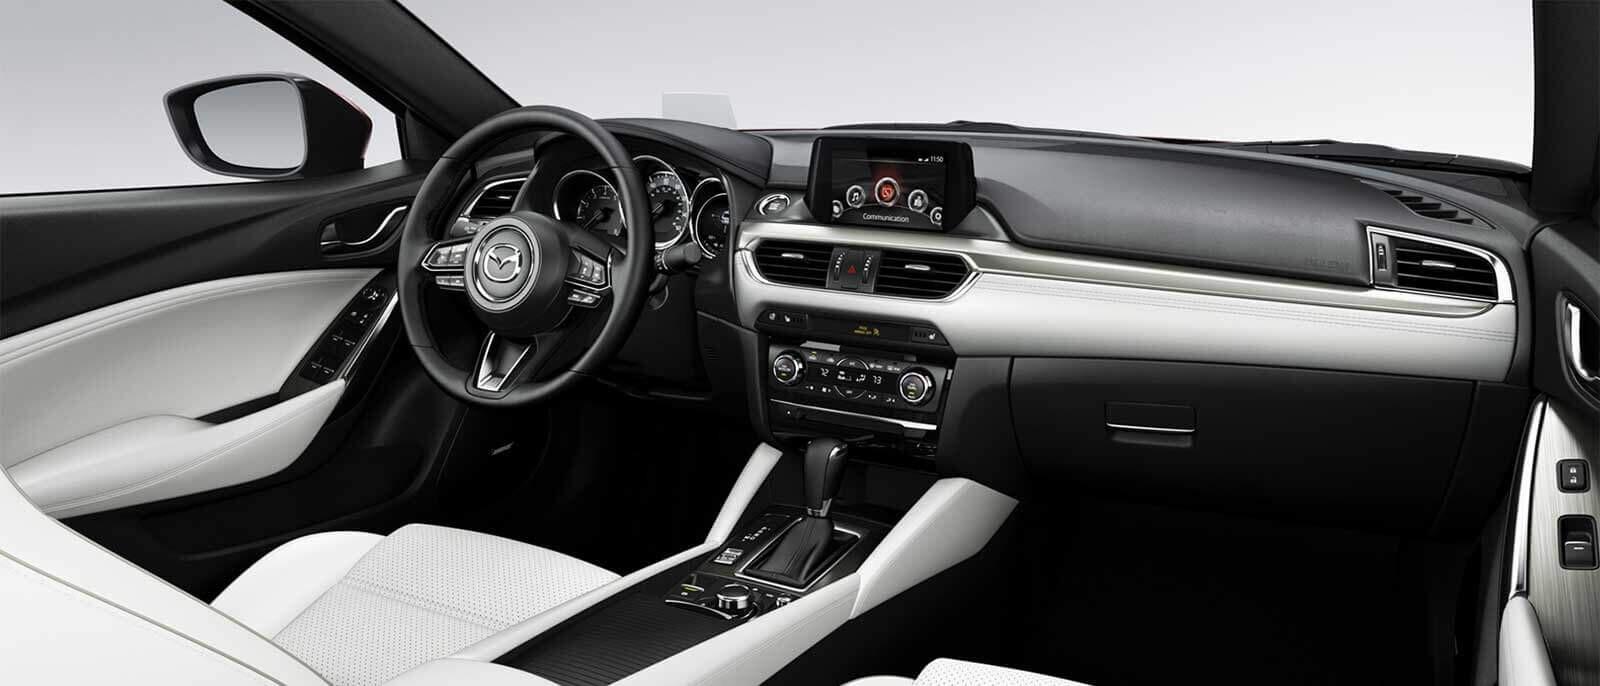 2017 Mazda6 White Interior